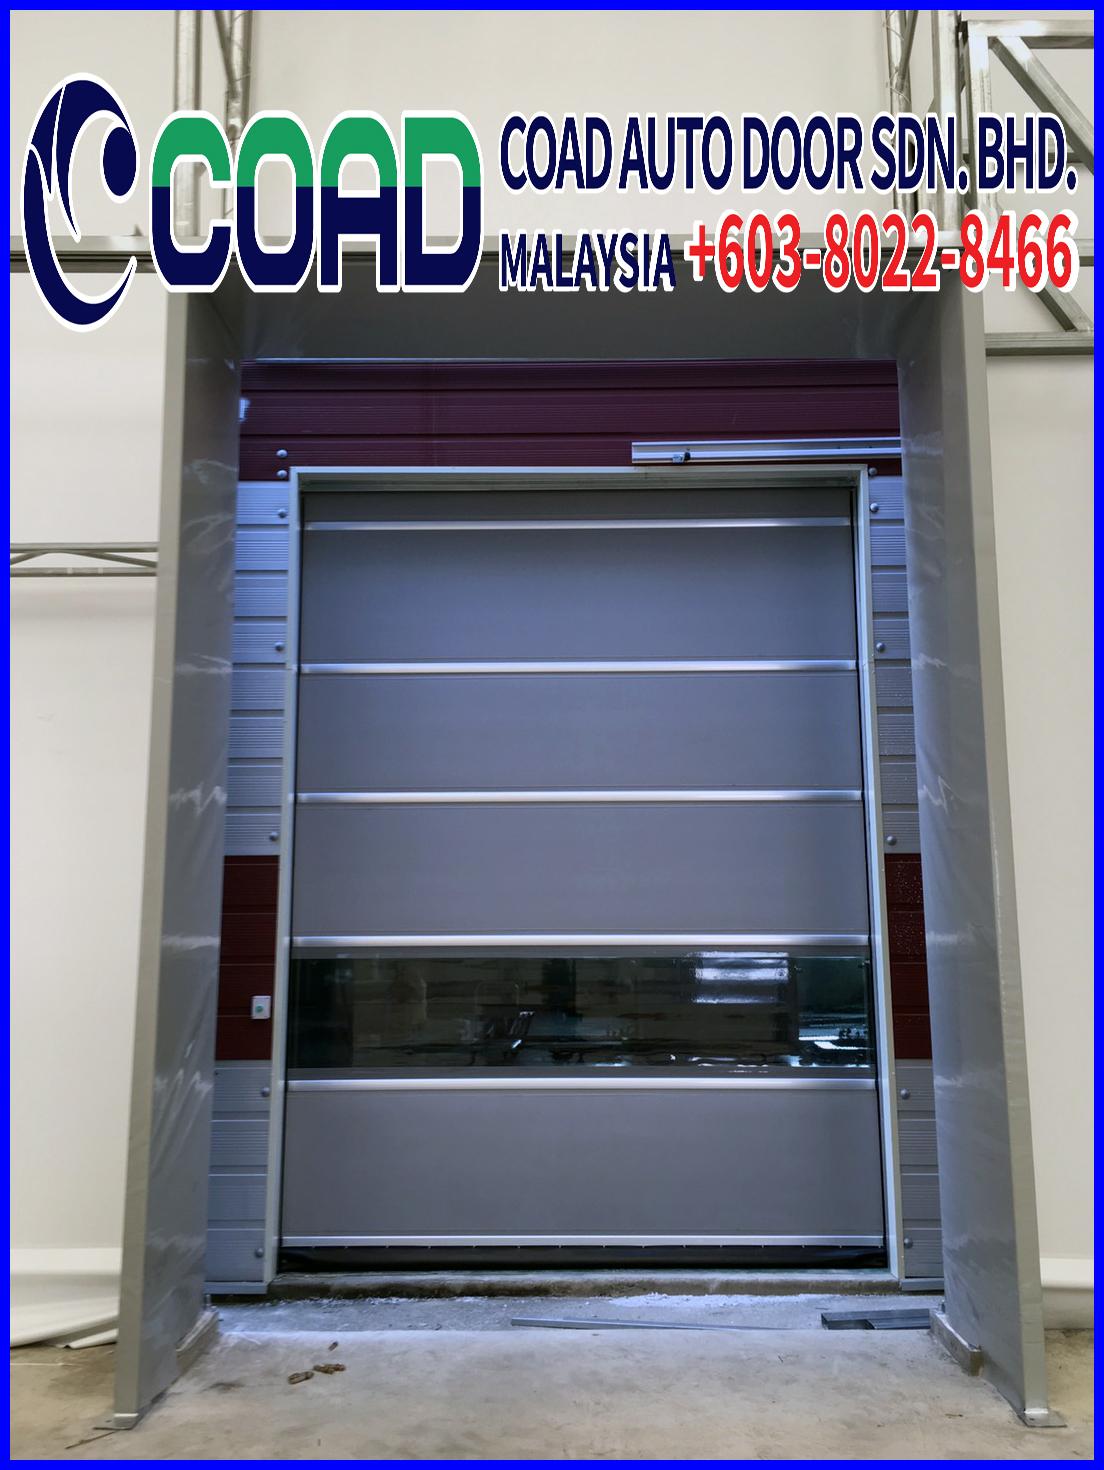 Coad High Speed Door Malaysia High Speed Door High Speed Door